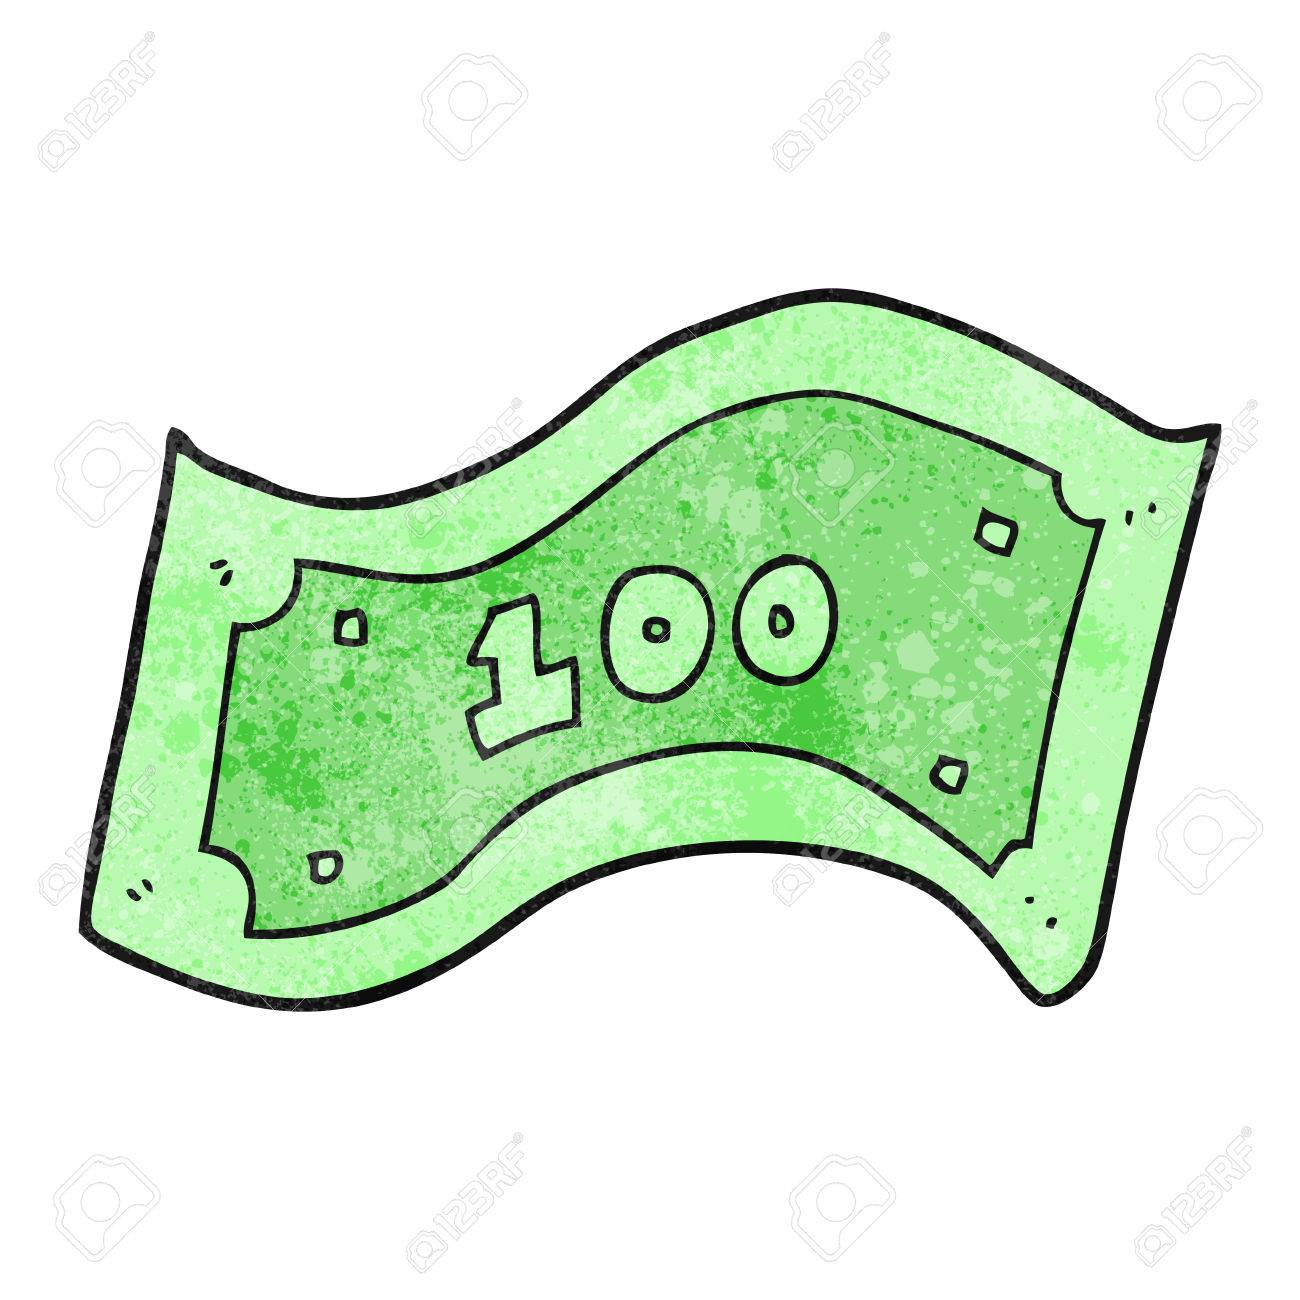 freehand textured cartoon 100 dollar bill royalty free cliparts rh 123rf com 100 dollar bill vector art 100 dollar bill vector art